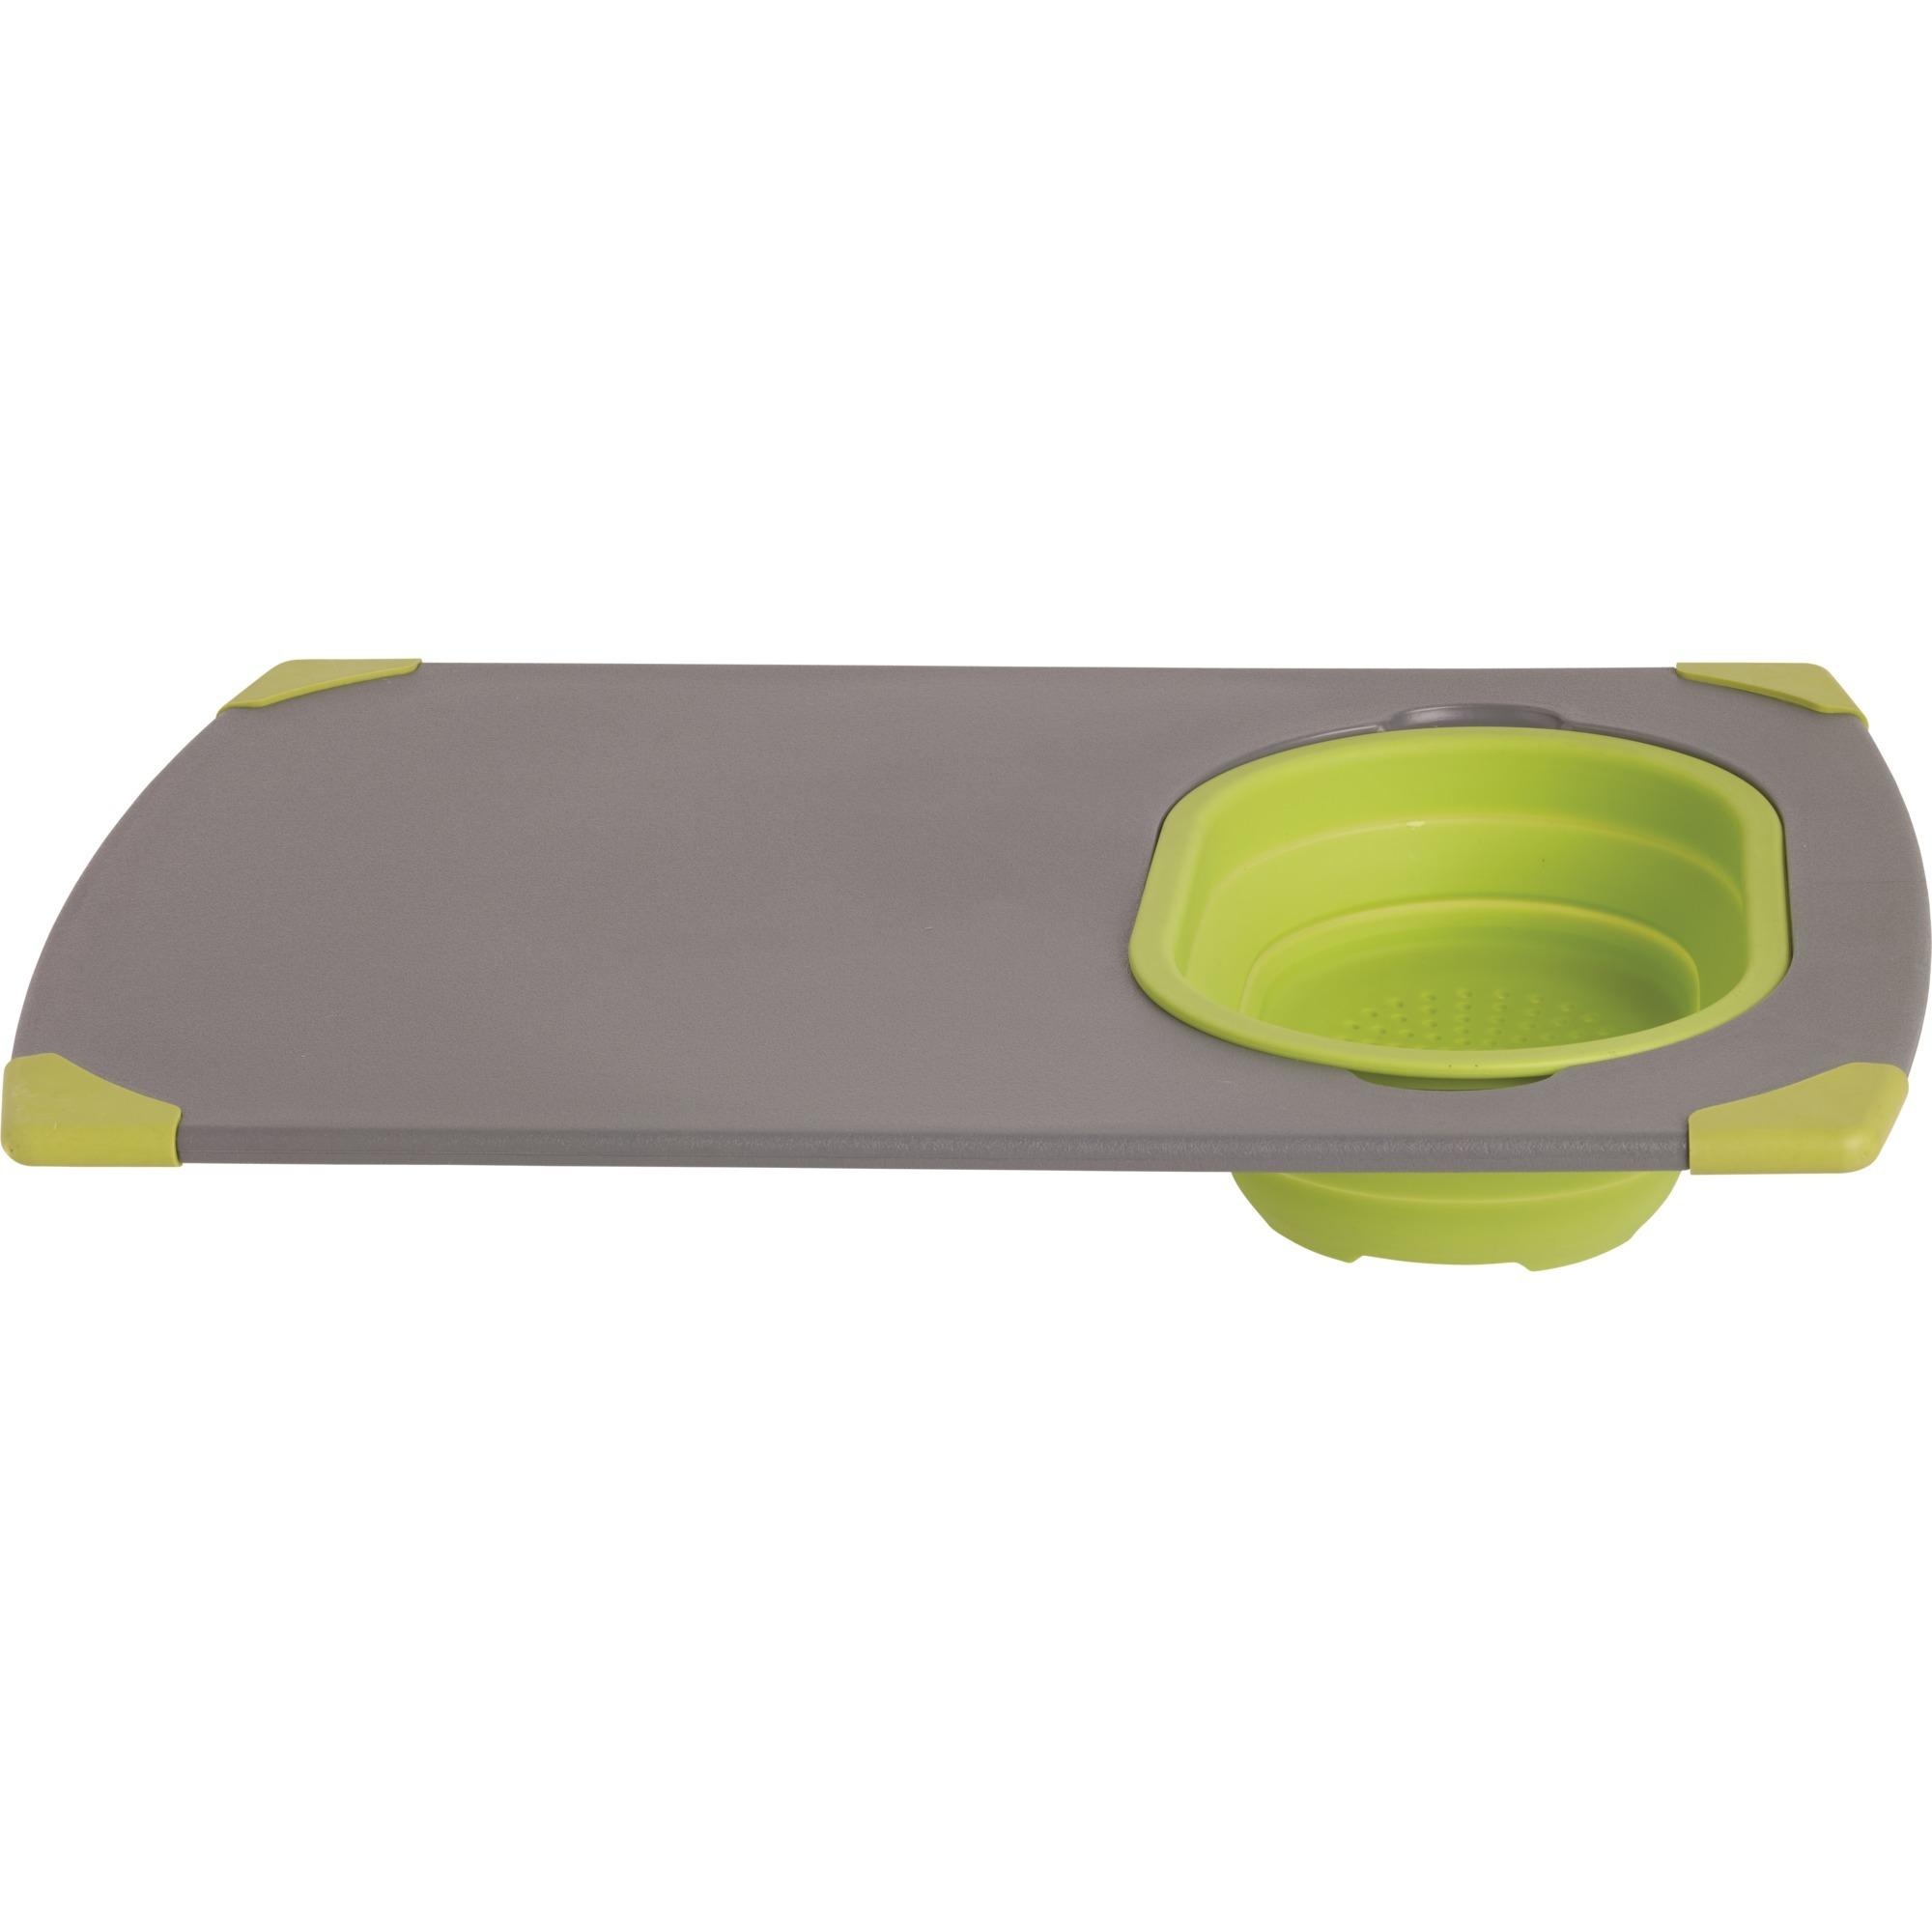 Collaps Schneidebrett De plástico, Silicona Verde, Gris tabla de cocina para cortar, Tablero